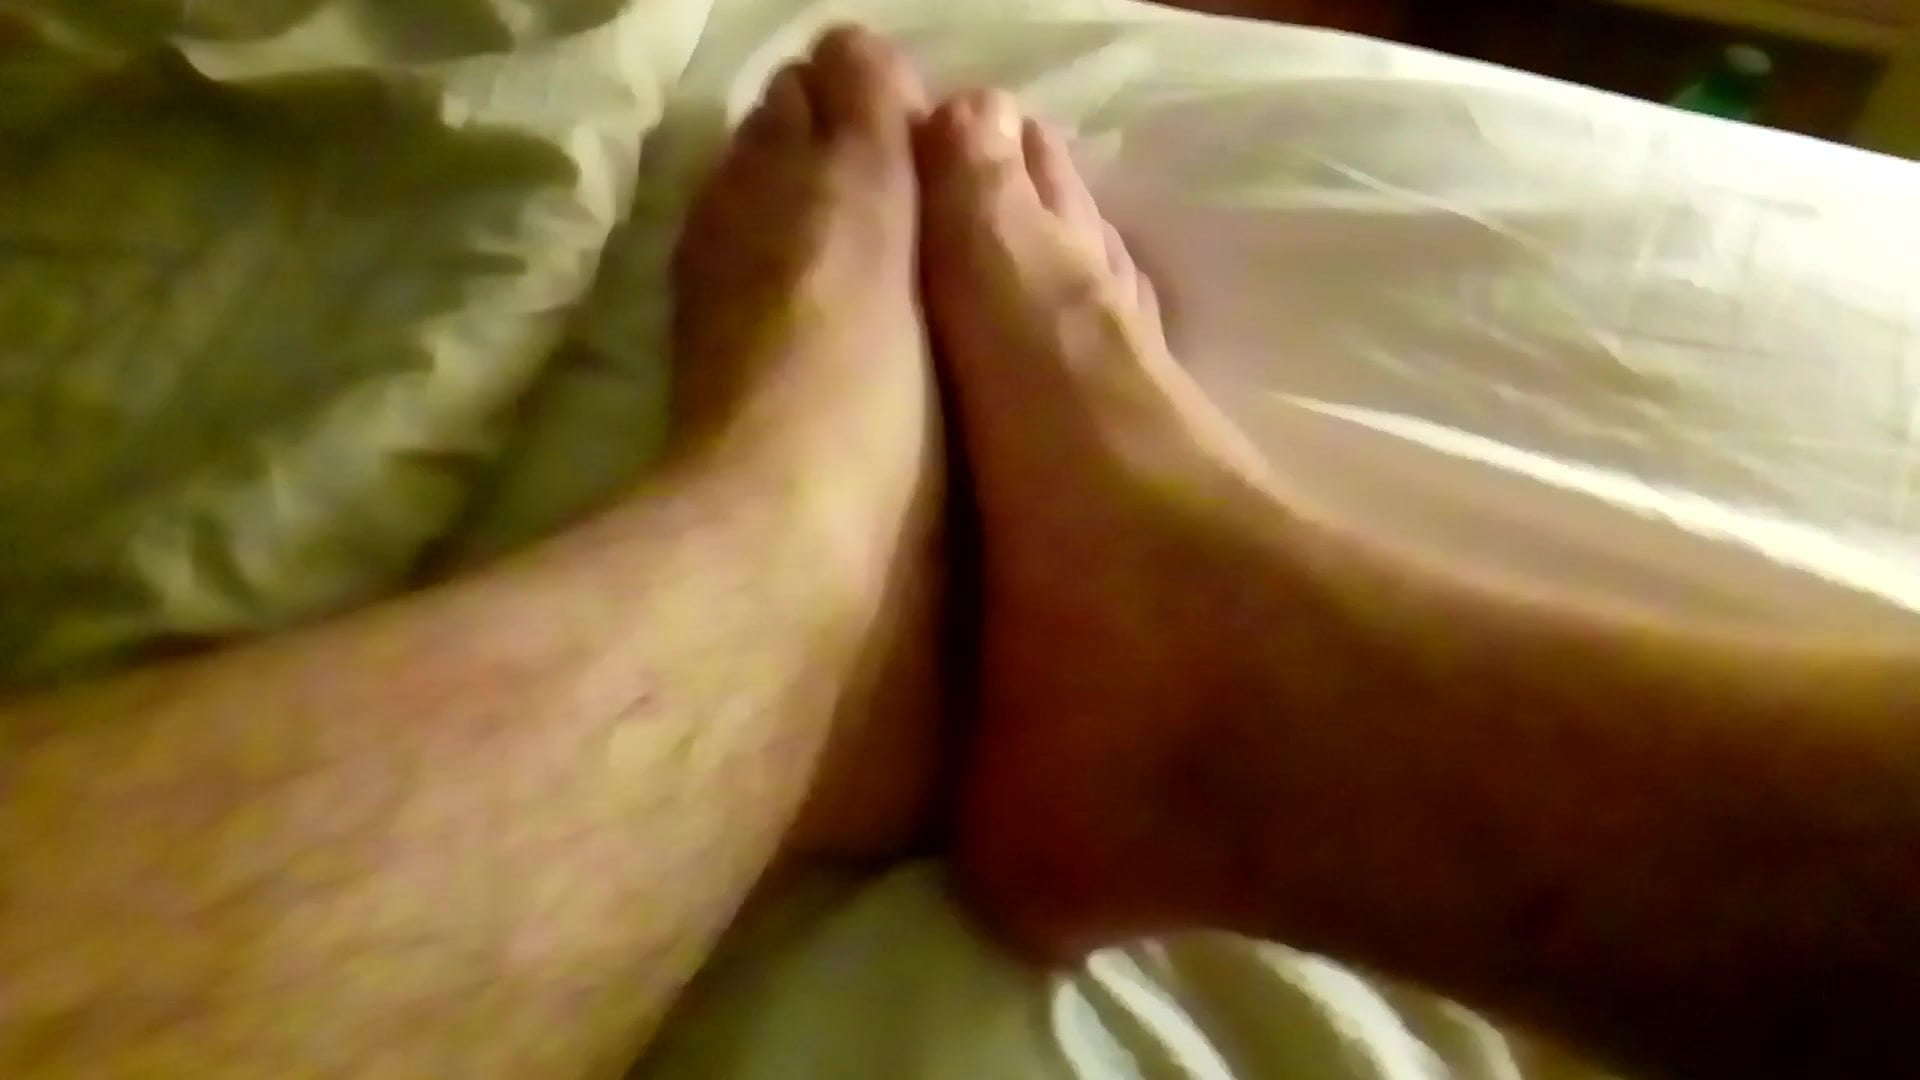 Amateur Sex Foot Fetish